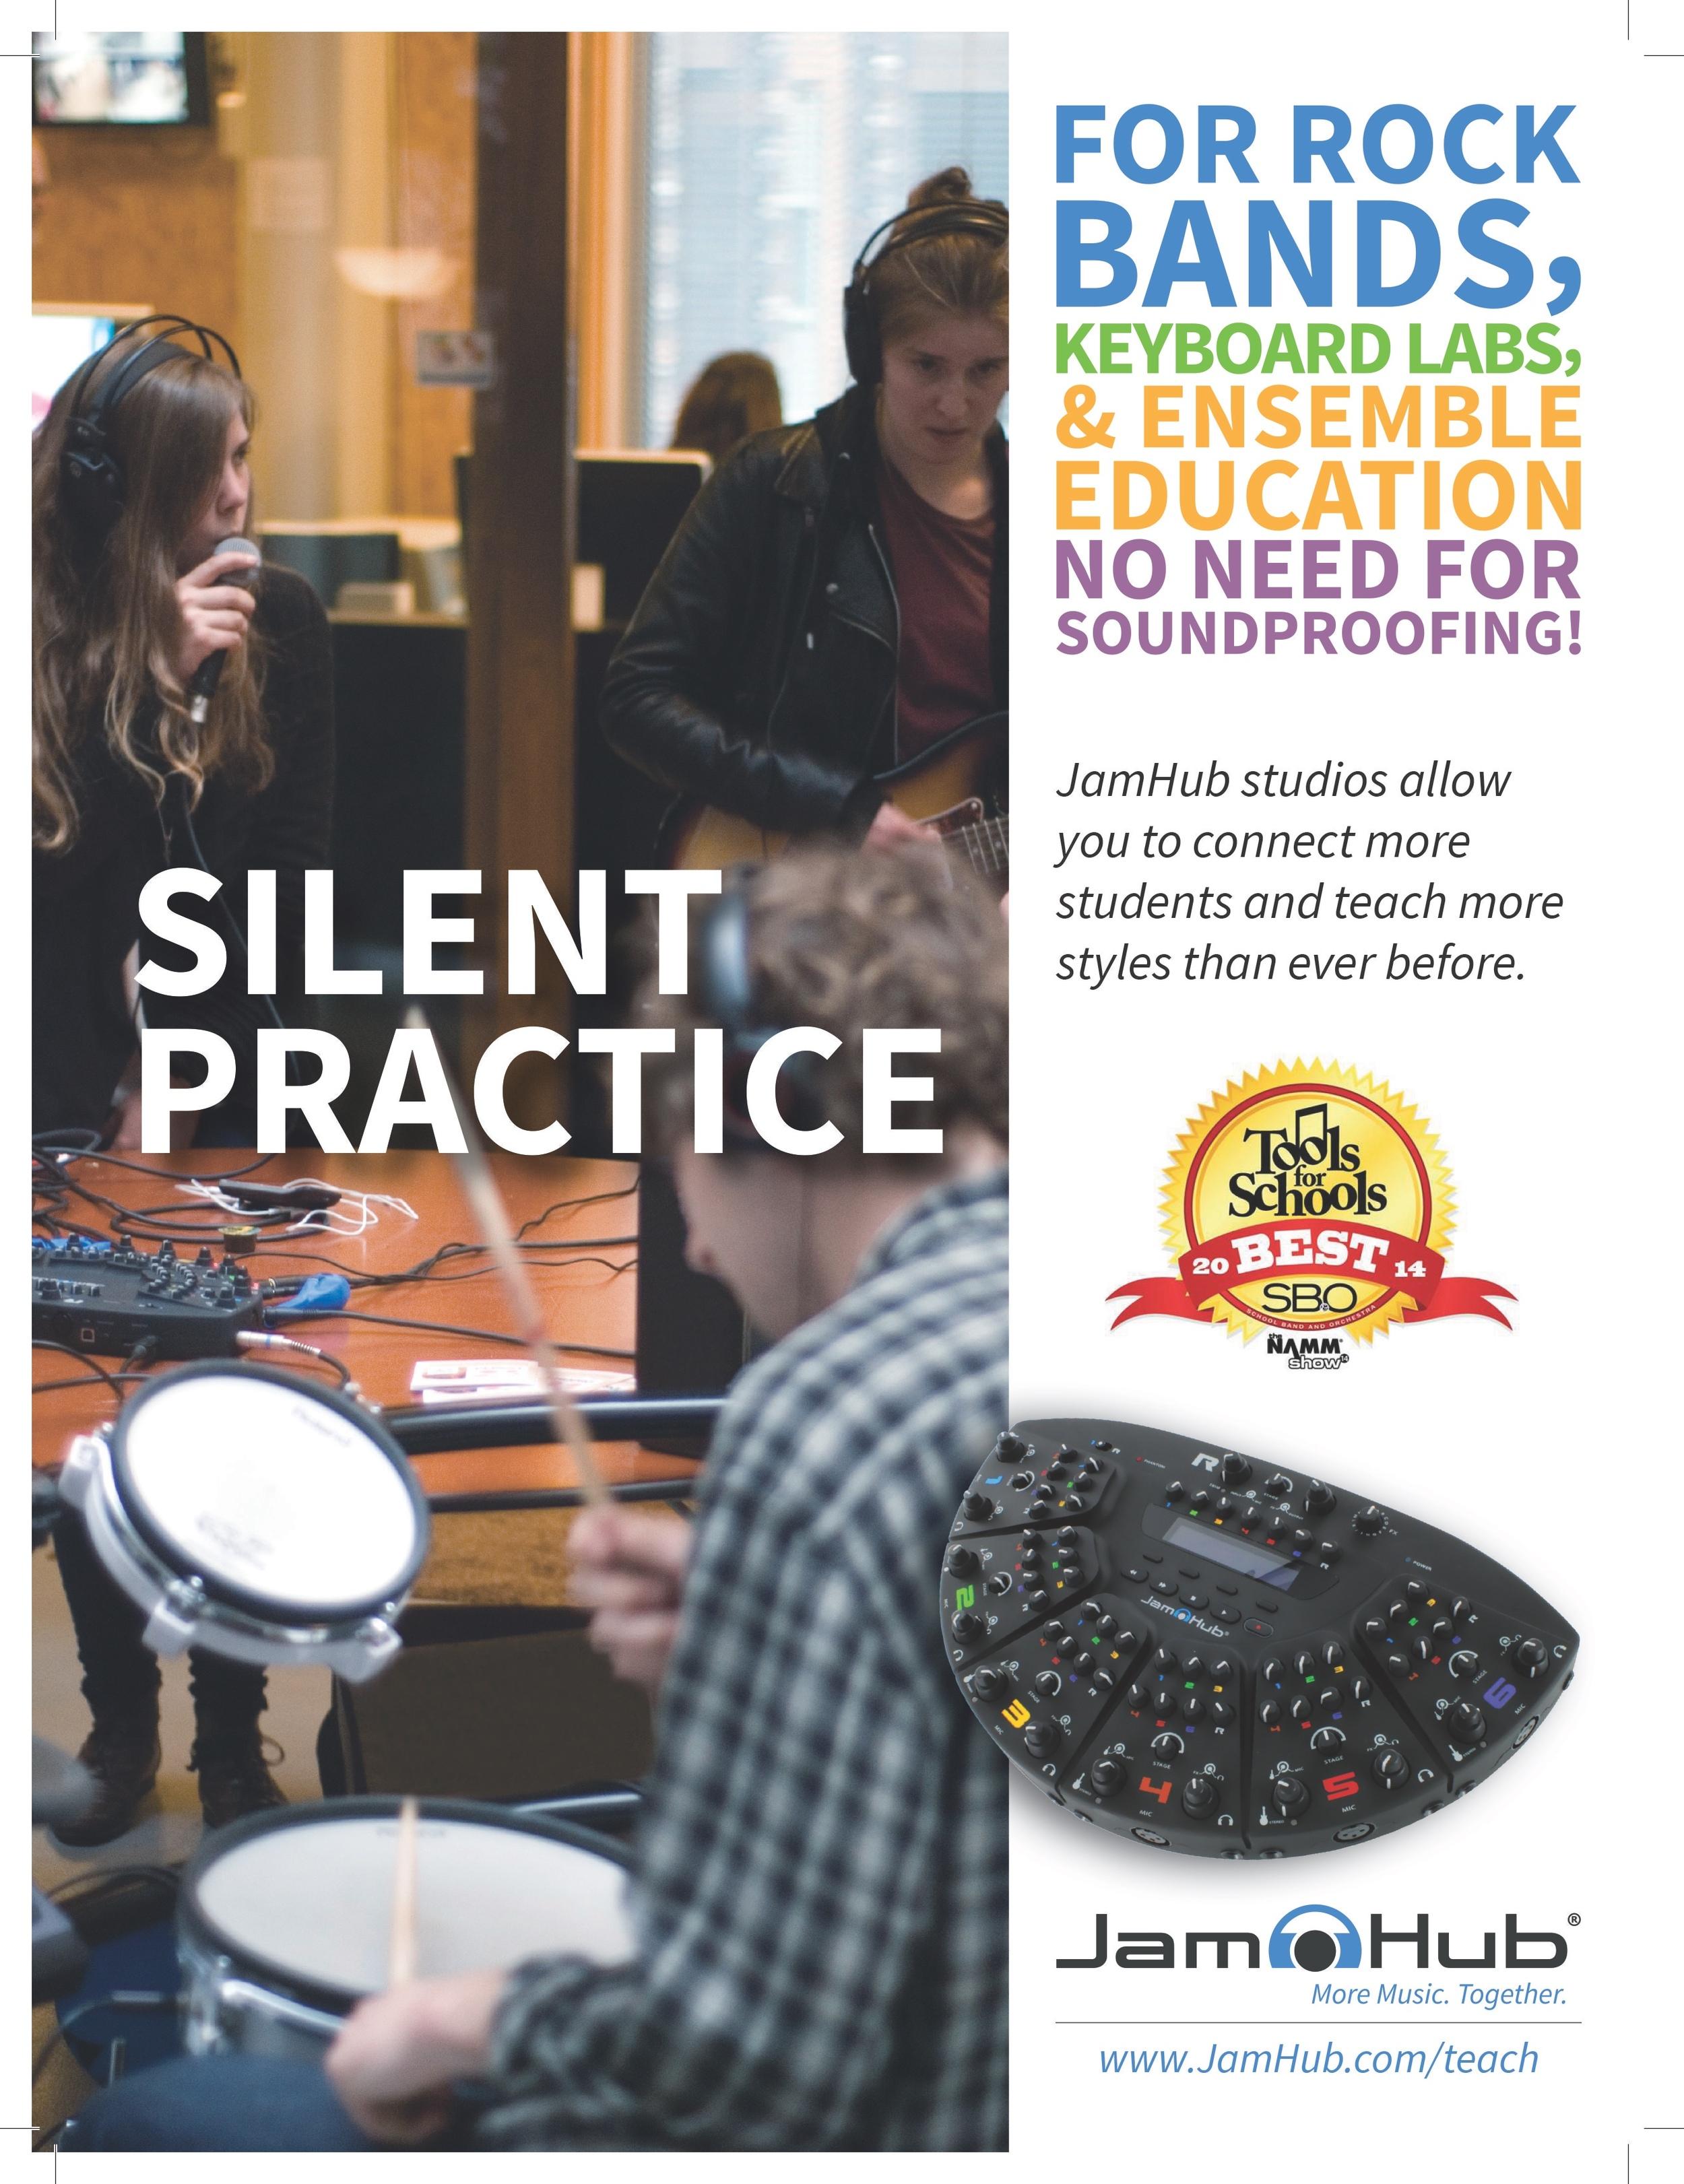 JamHub Education Full Page.jpg